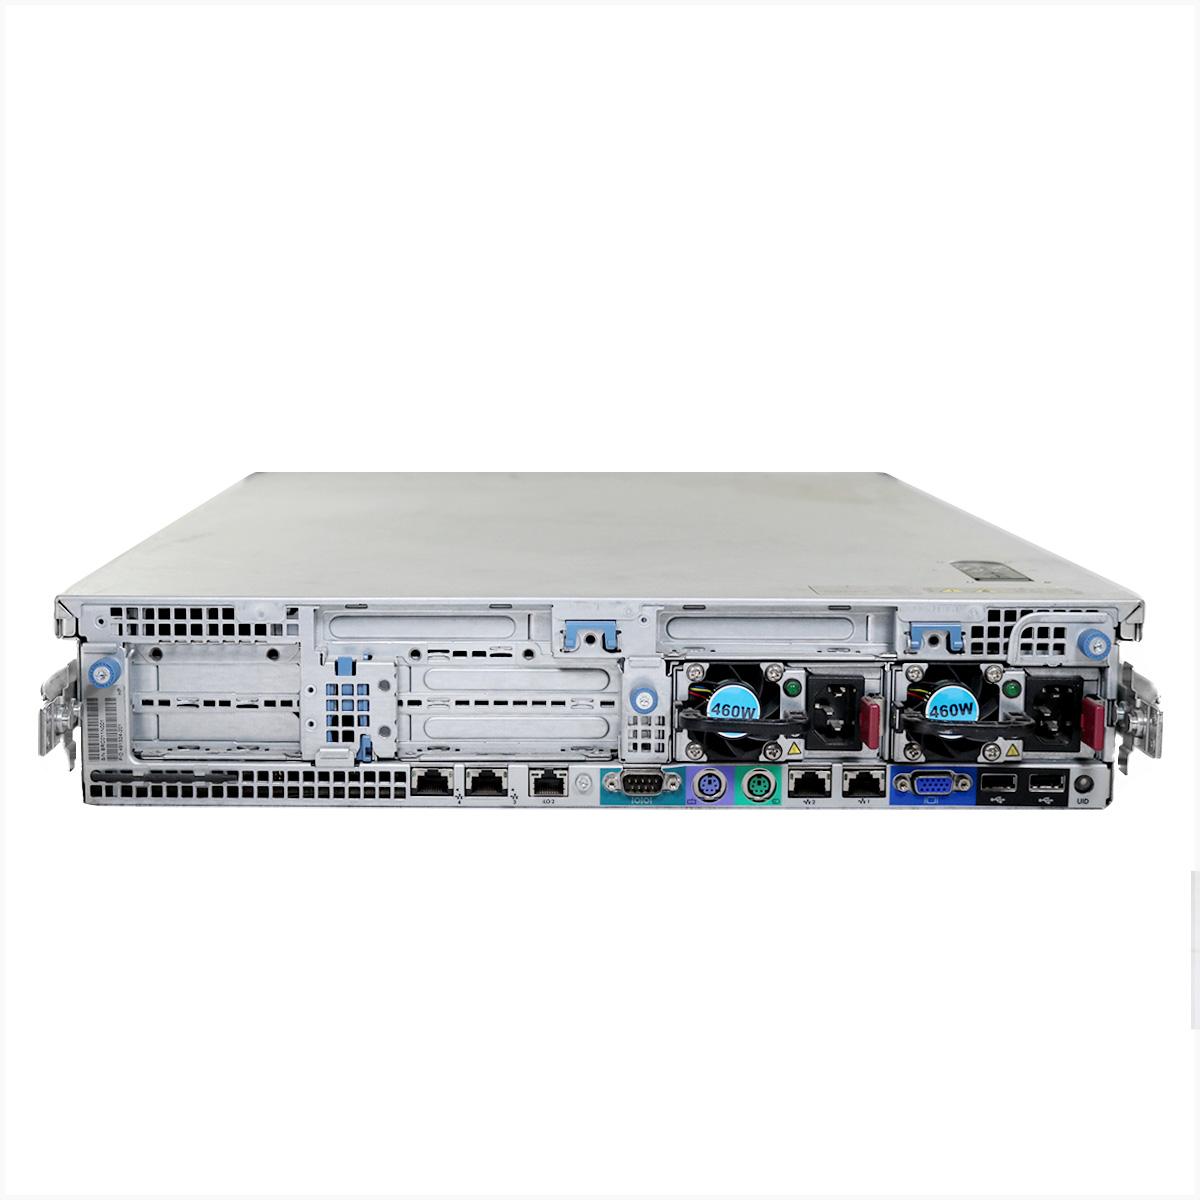 Servidor hp proliant dl380 gen6 2x e5530 64gb 2x 1tb - usado